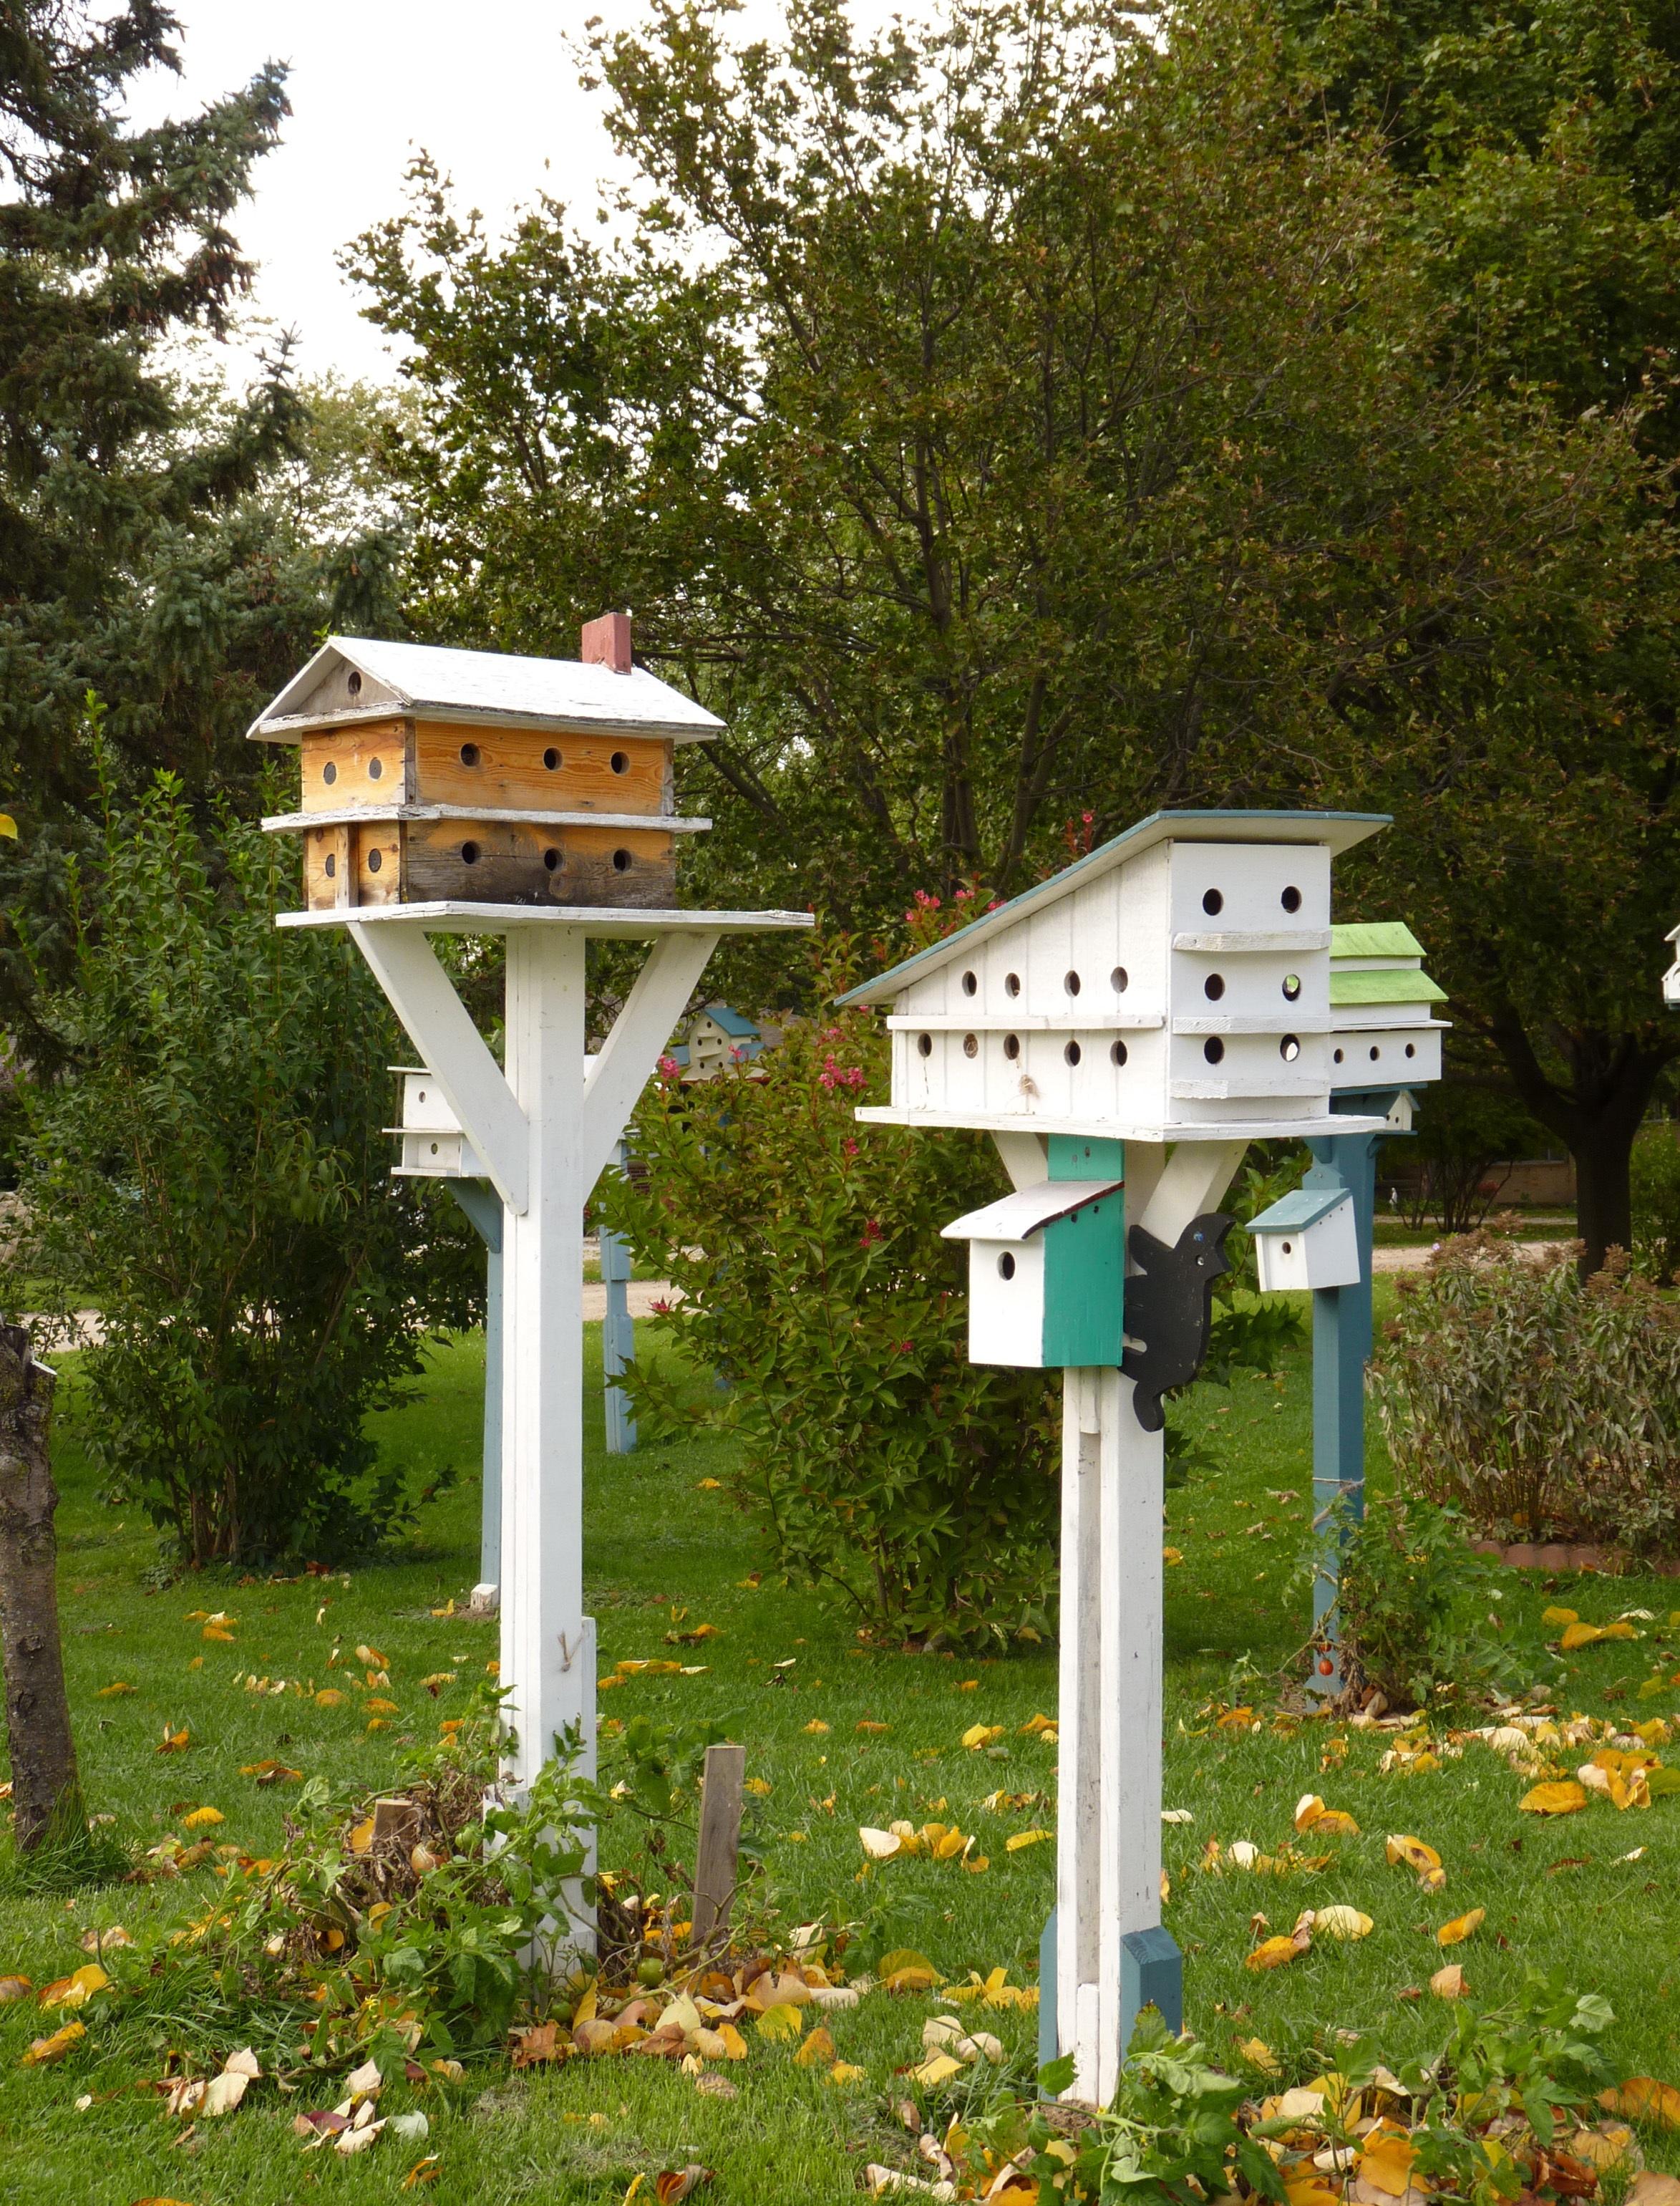 domain photo pictures free view garden en image feeder bird public stock